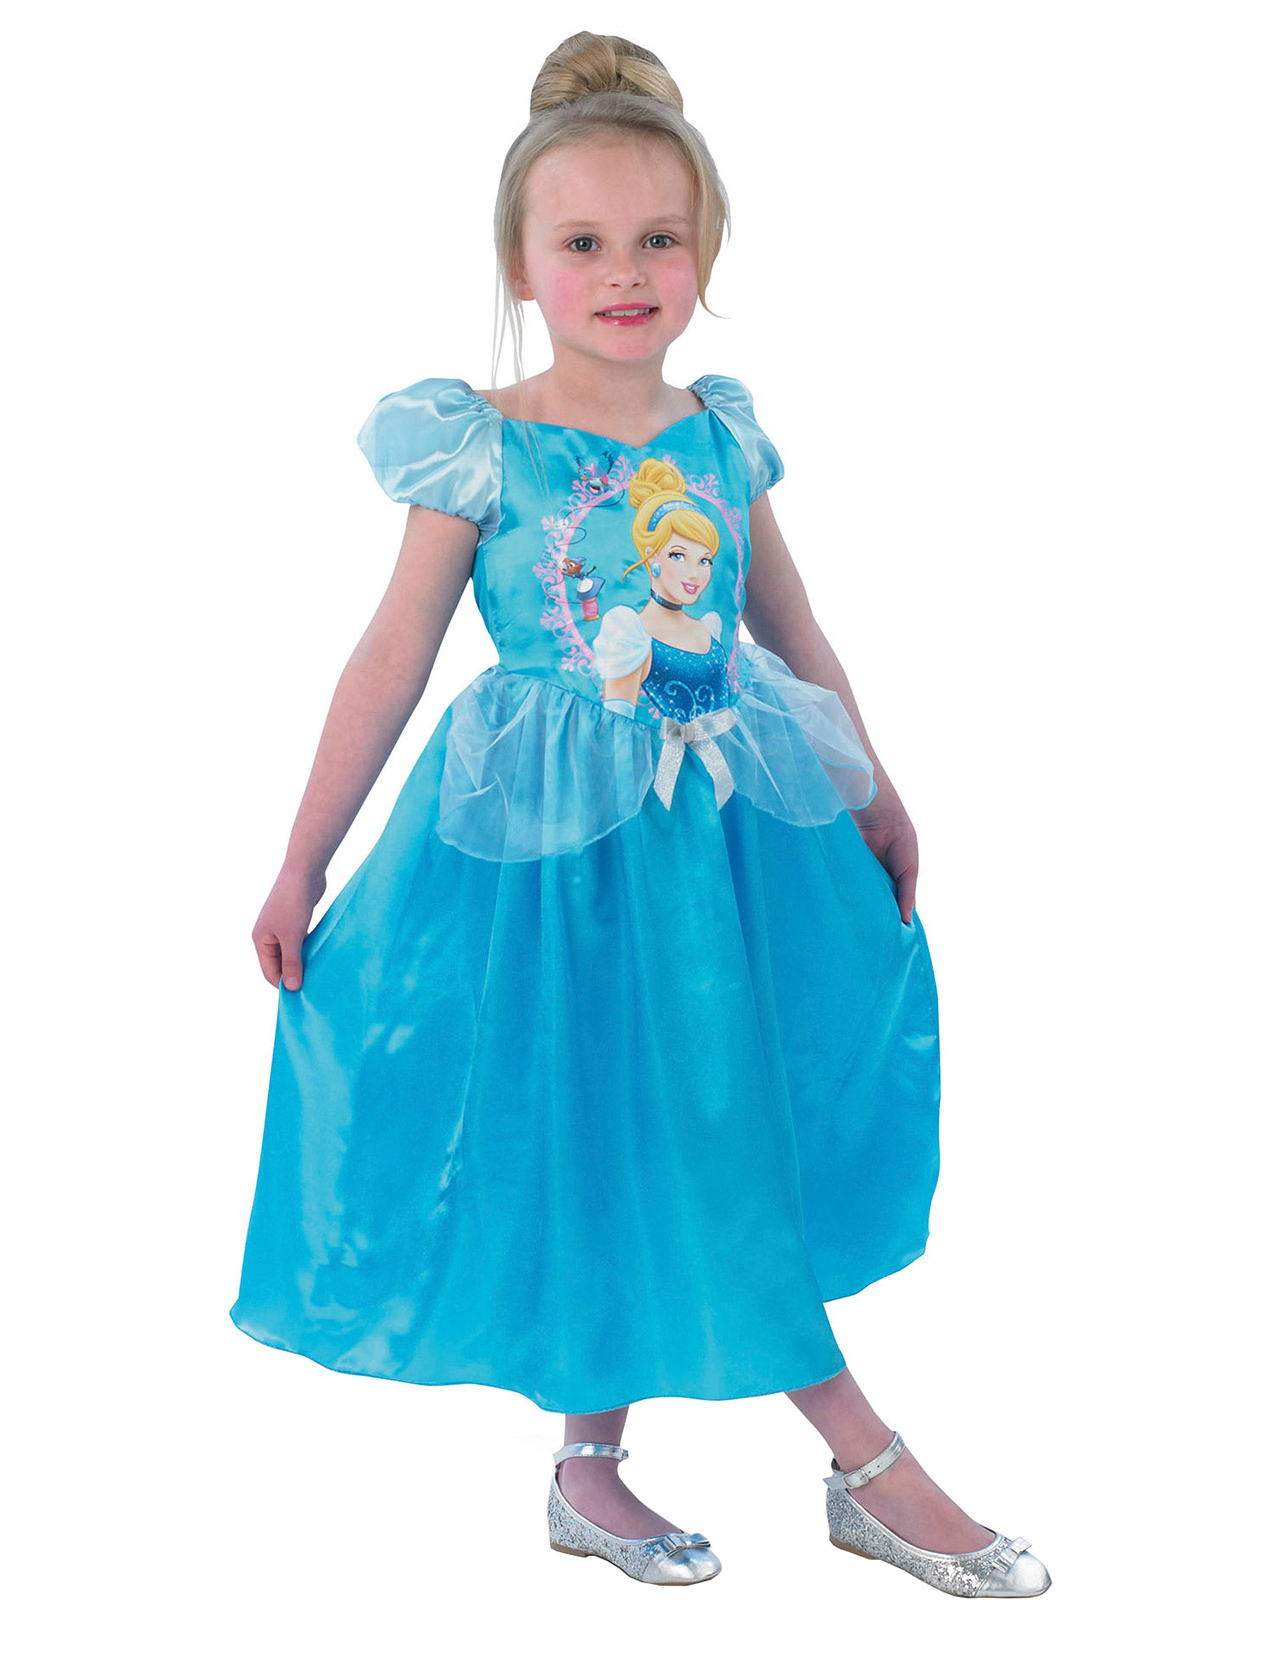 Più affidabile tecnologia avanzata piuttosto bella Costume da Cenerentola™ originale Disney Storytime™ per bambina su  VegaooParty, negozio di articoli per feste